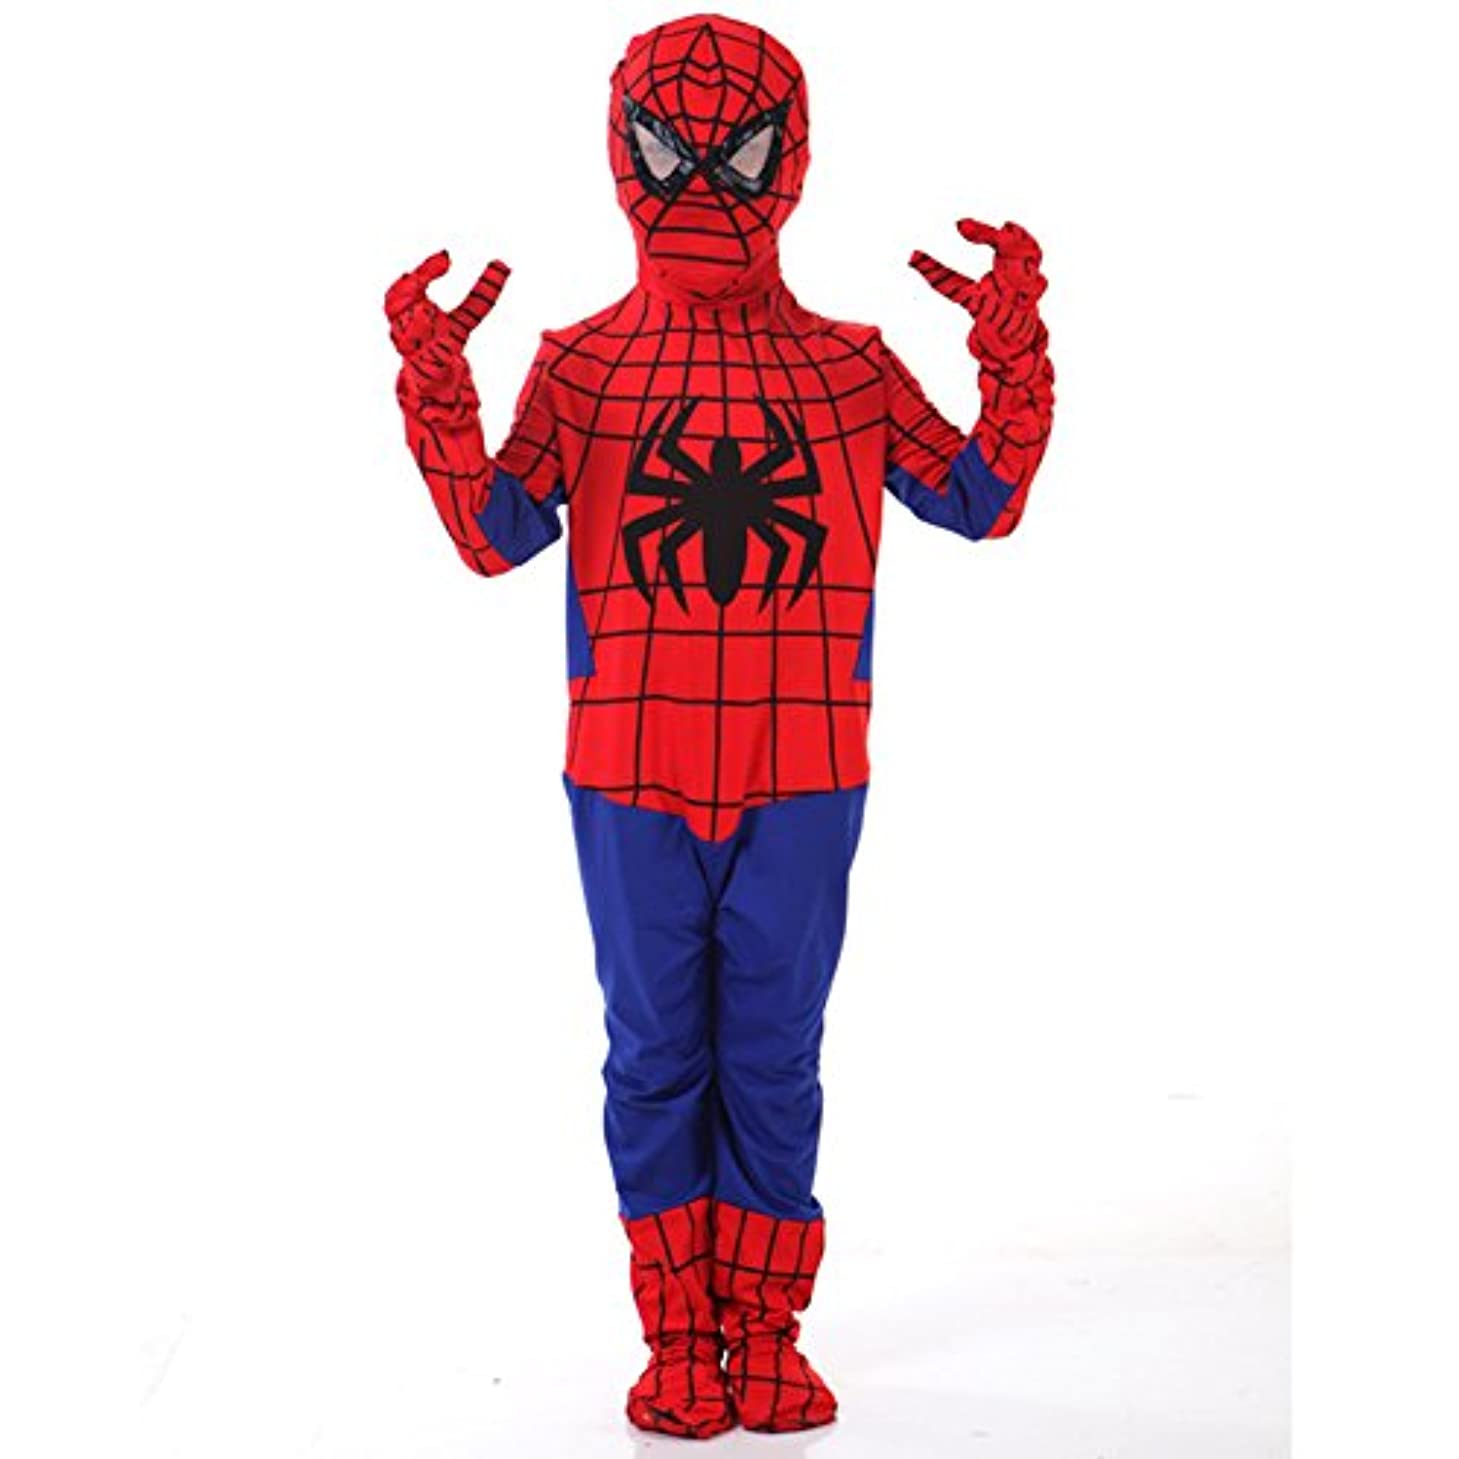 いたずら犠牲玉スパイダーマン 全身タイツ スパイダーマン コスプレ衣装 子供 大人 ハロウィン仮装 パーティー舞台演出 (子供L身長130-140cm)